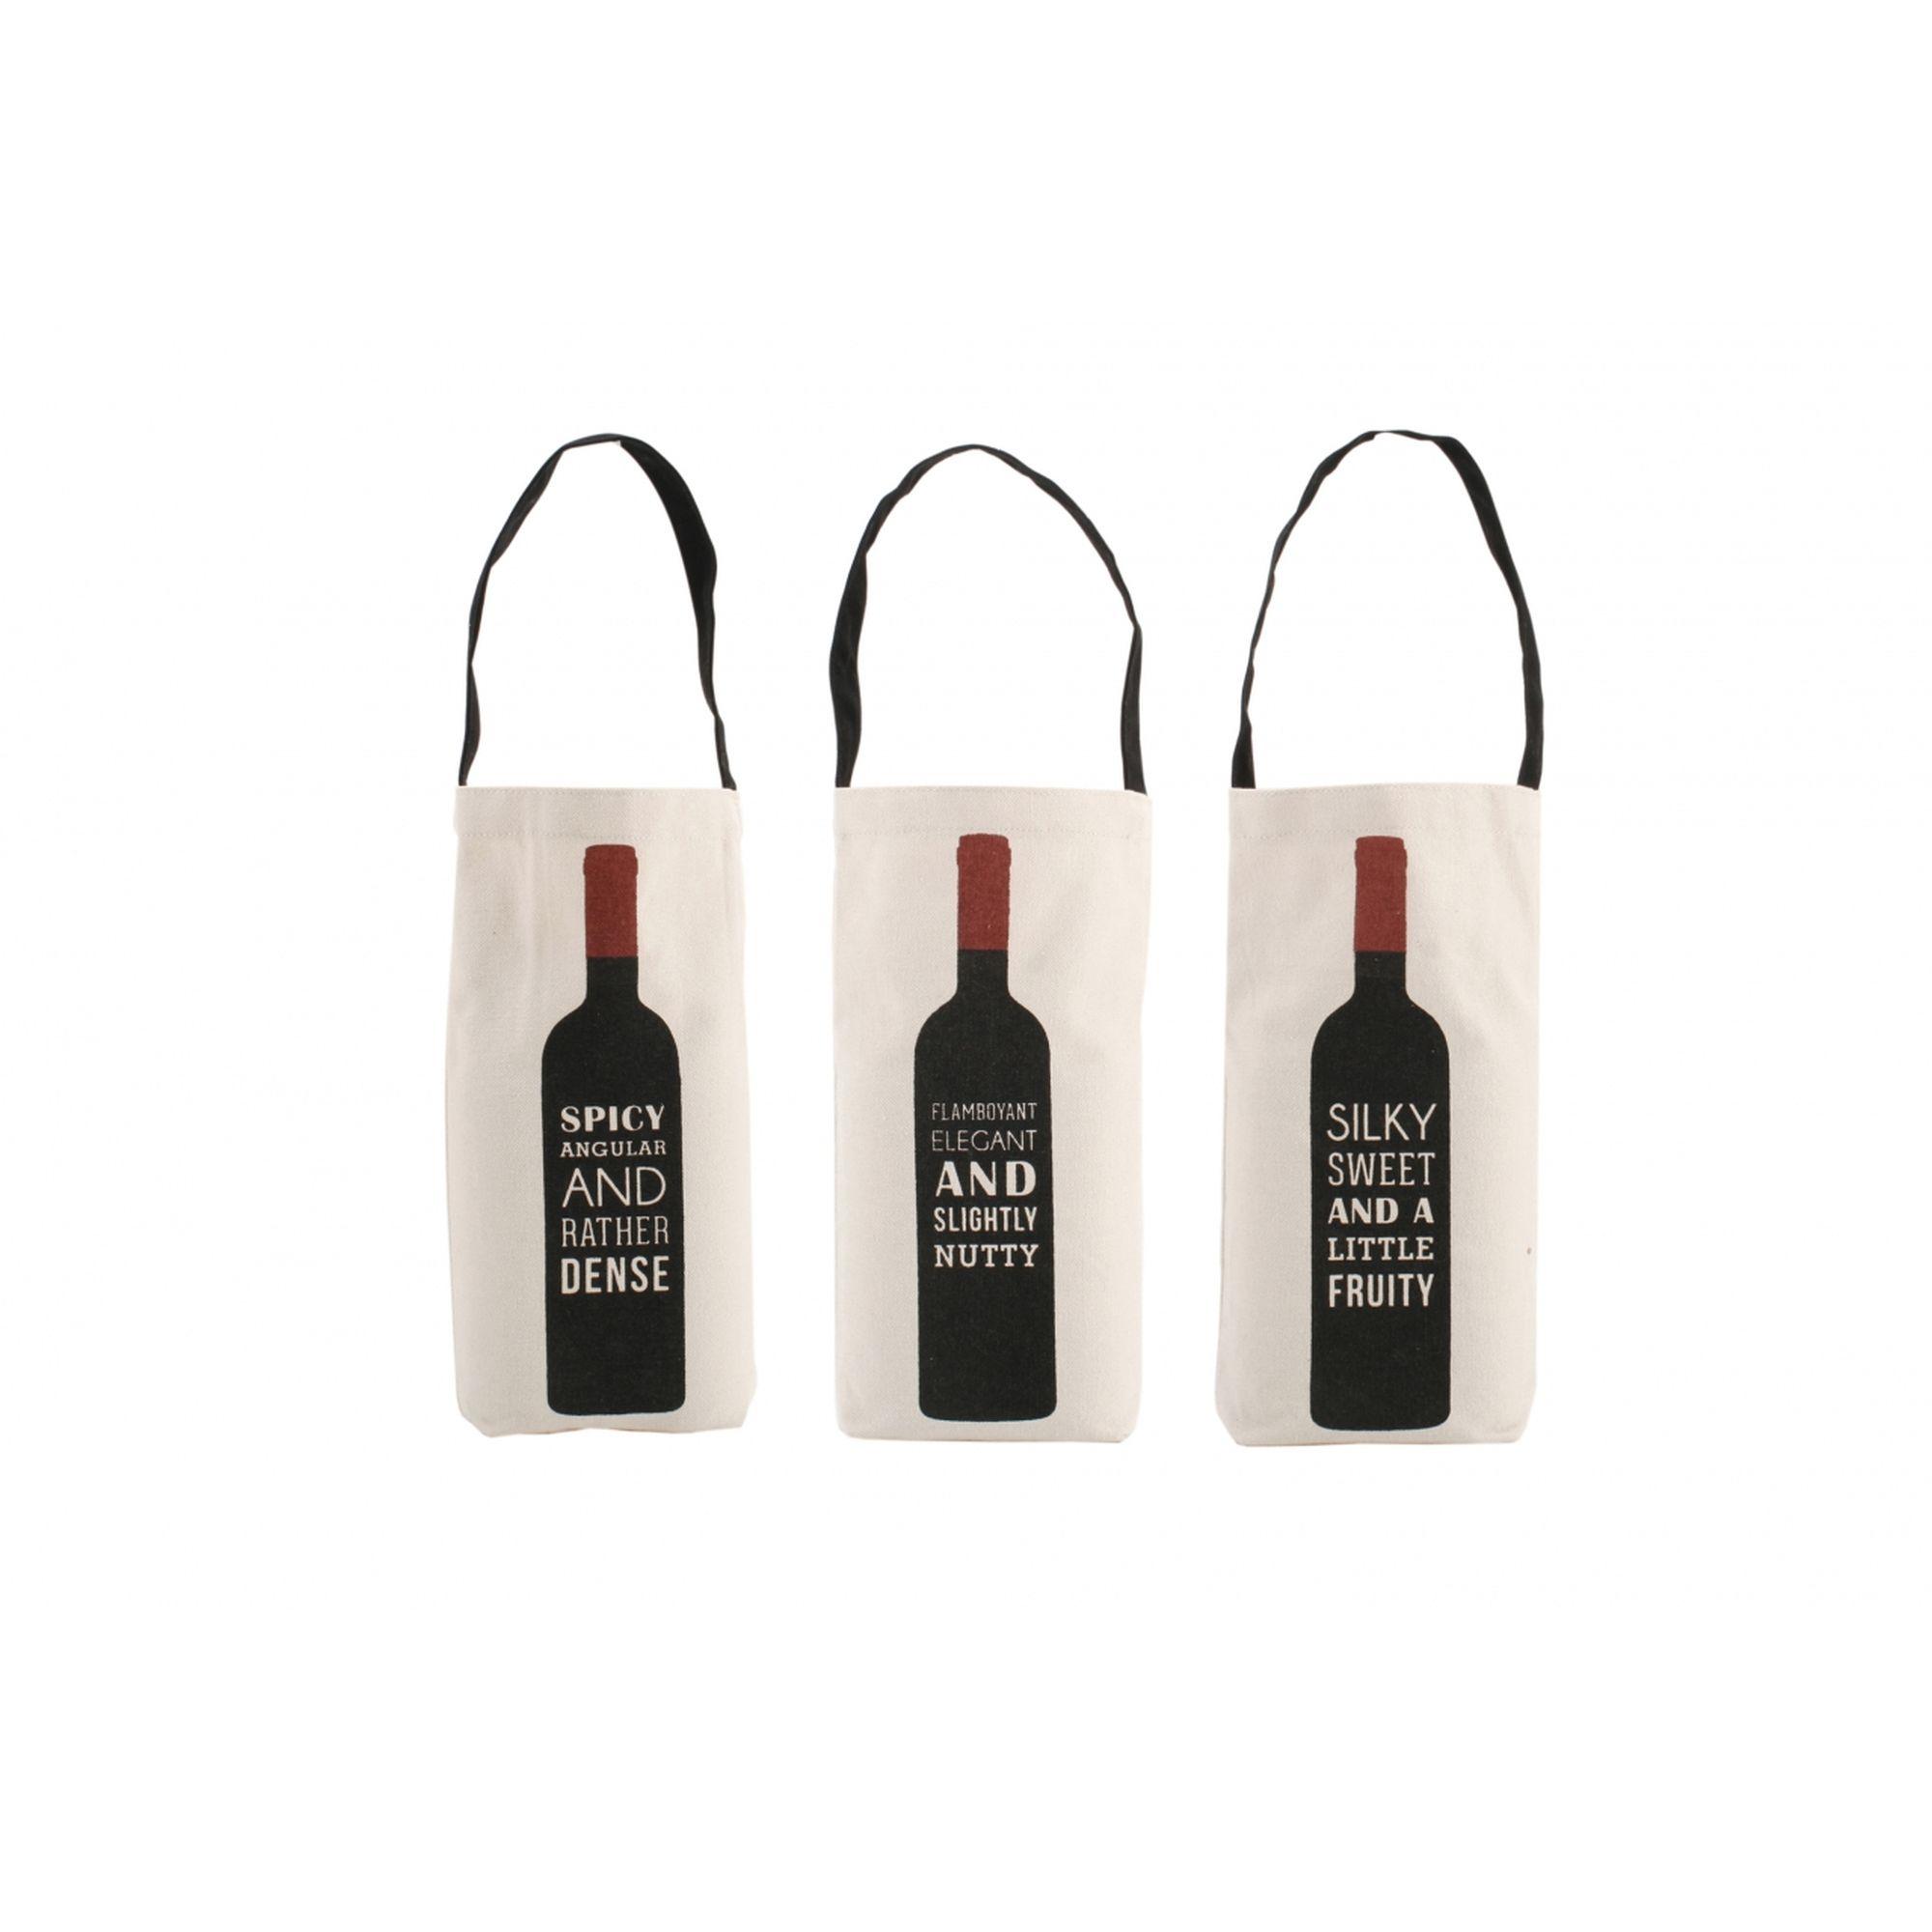 Cheeky Little Wine Slogan Bottle Bags